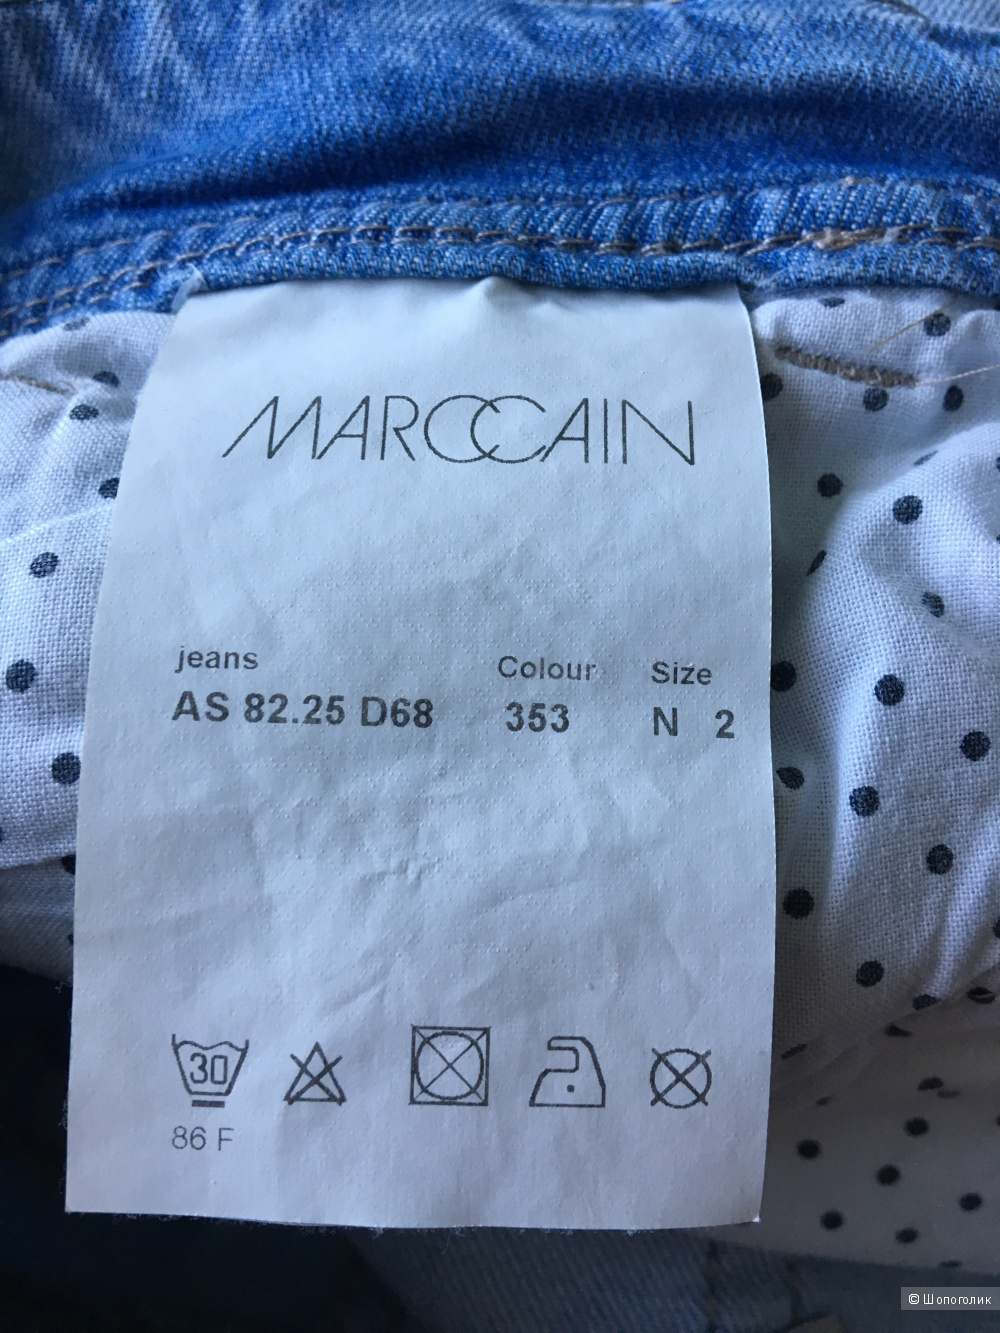 Джинсы Marc Cain Sports, размер дизайнерский 2